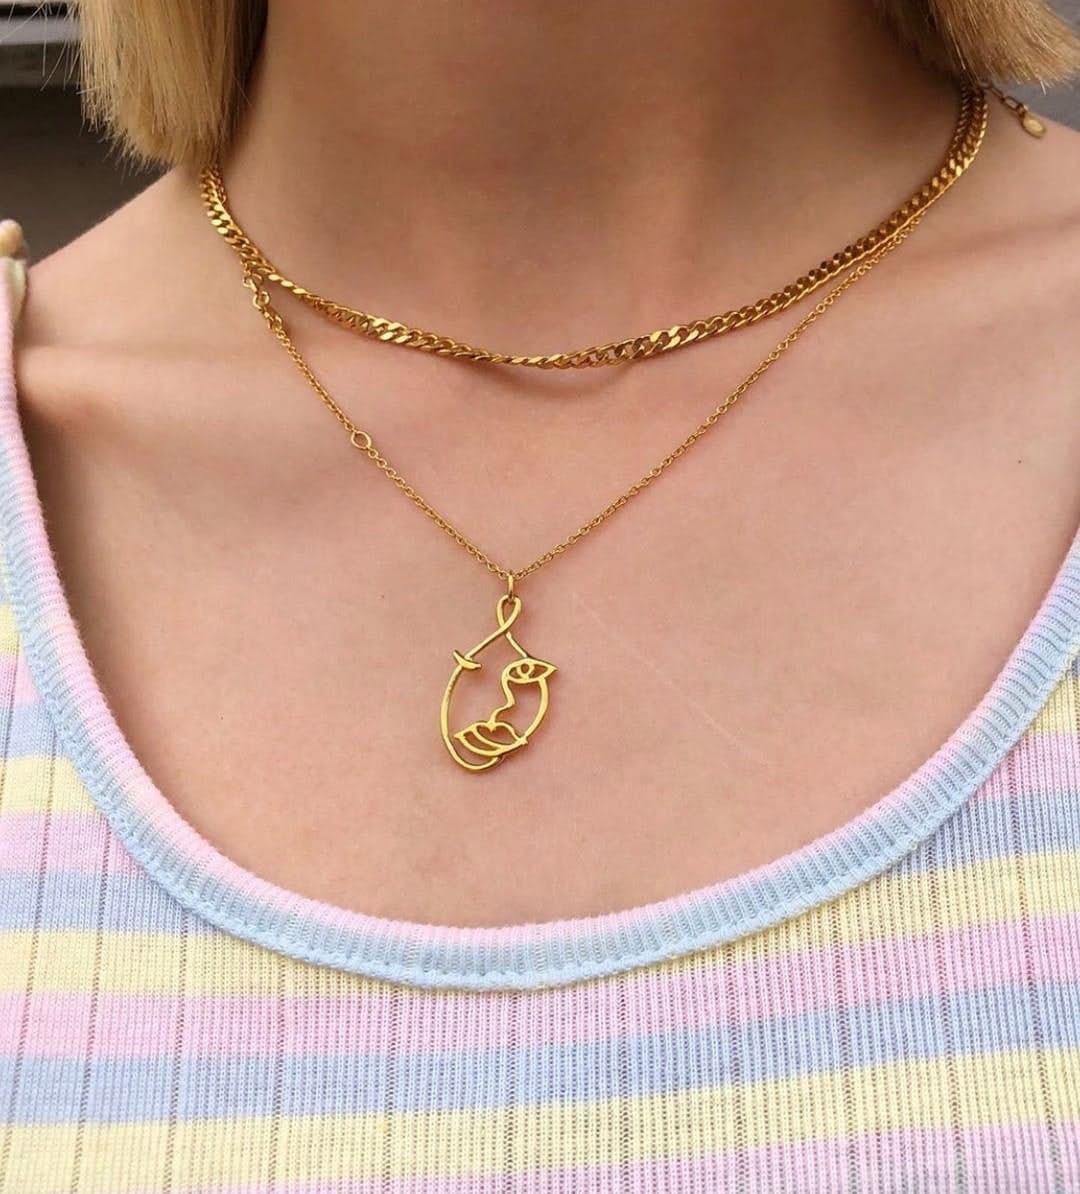 Becca necklace von Sistie in Silber Sterling 925|Blank